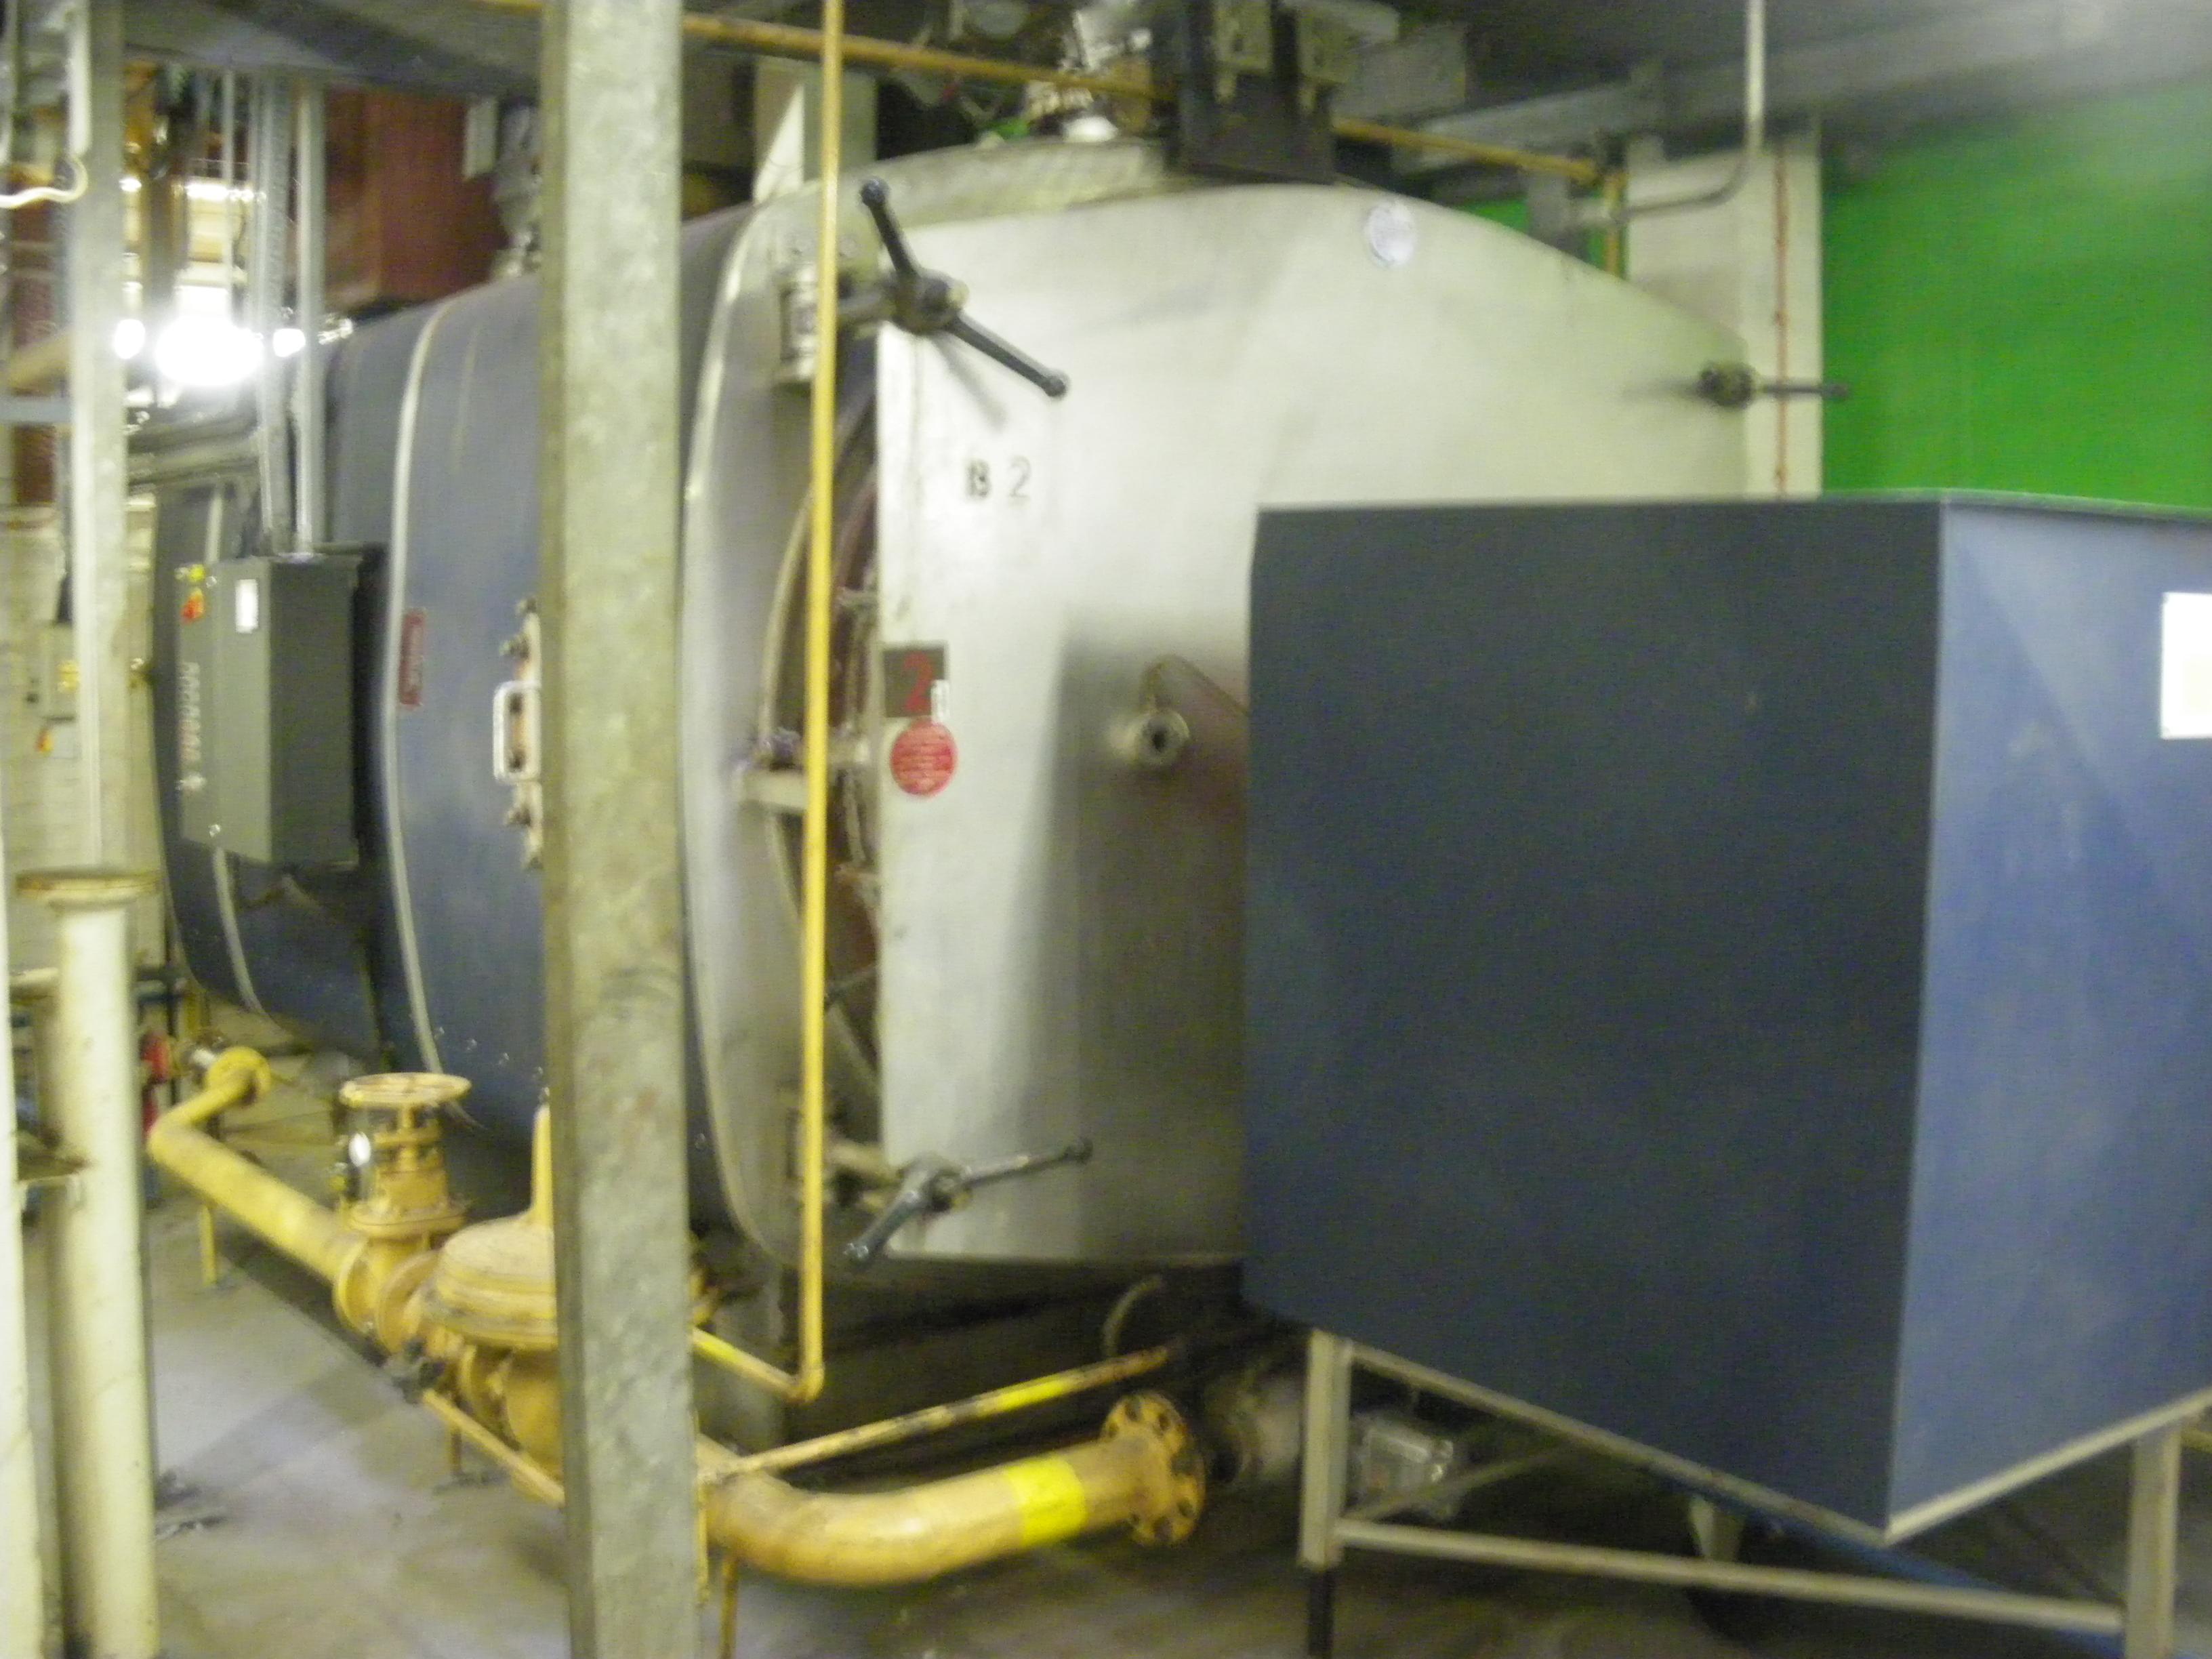 Boiler no. 2